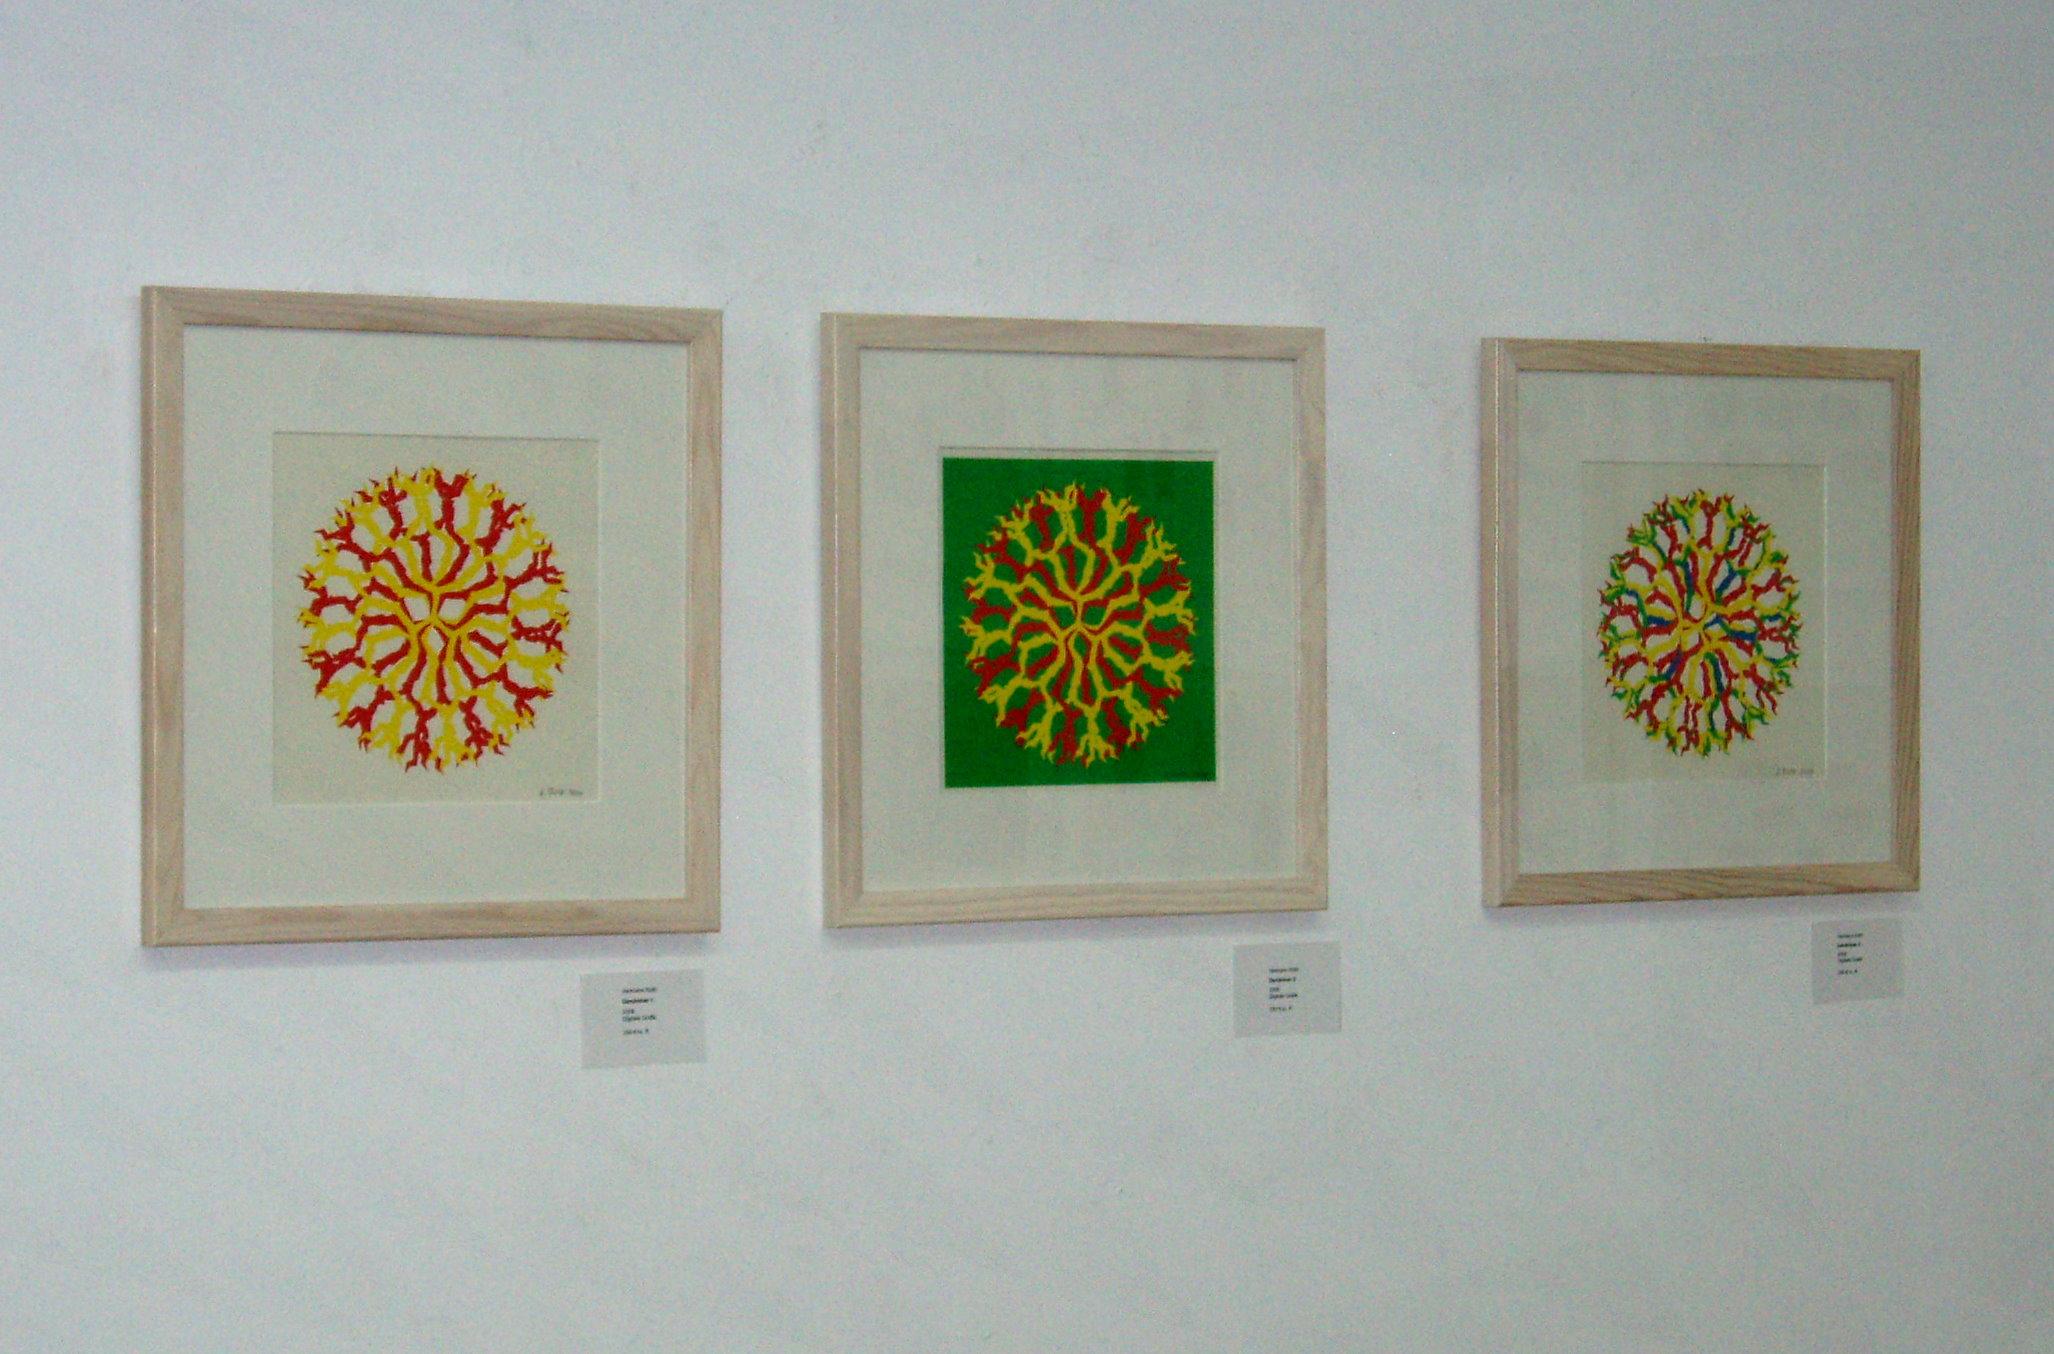 Ausstellungswand mit Dendrimer-Grafiken